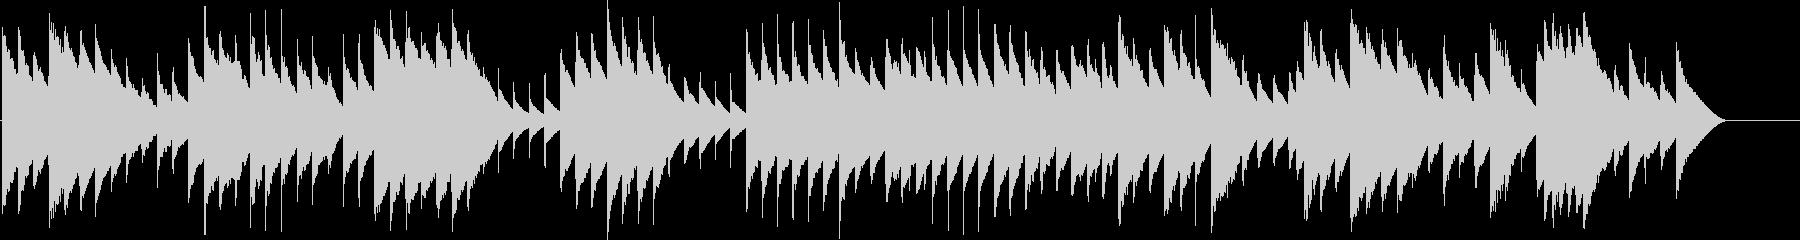 オルゴールで子守唄3(モーツァルト)の未再生の波形